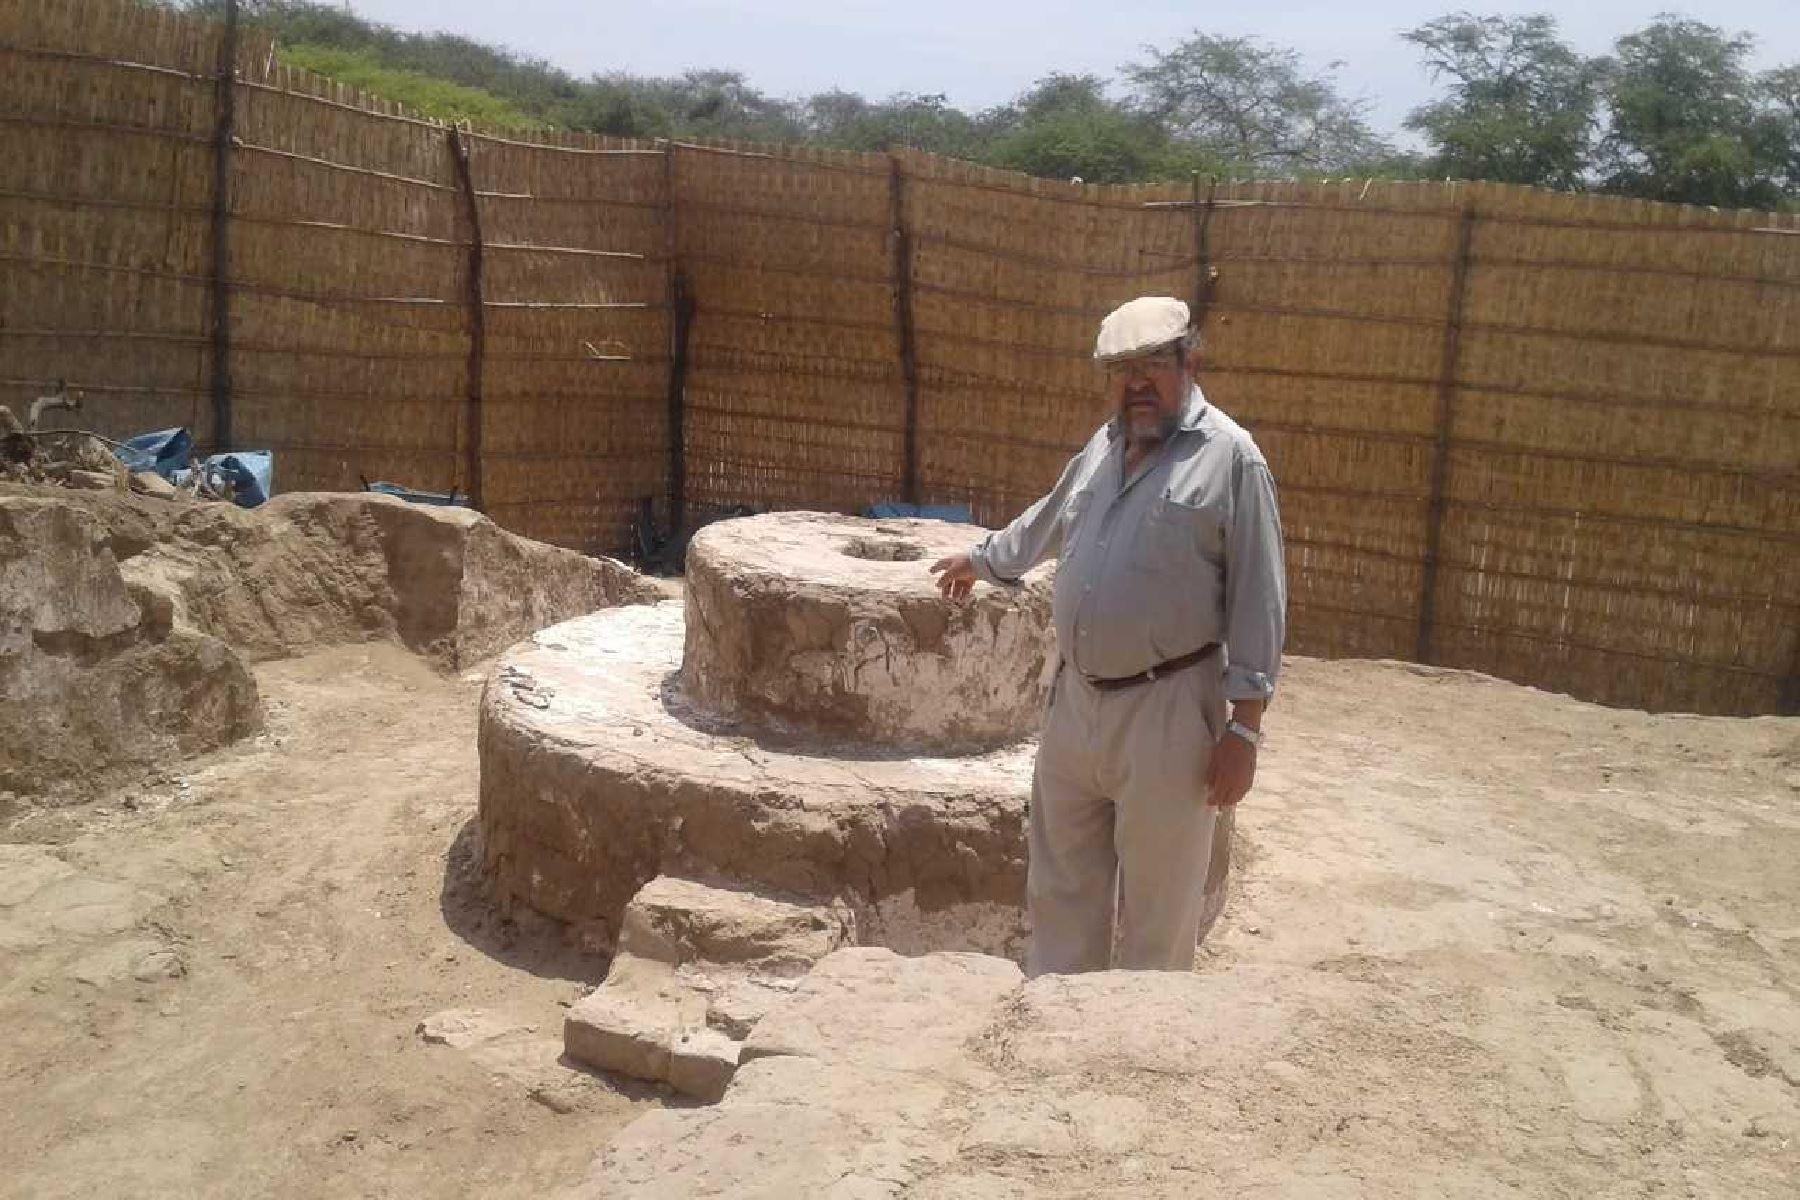 El equipo de arqueólogos está dirigido por el investigador Walter Alva.